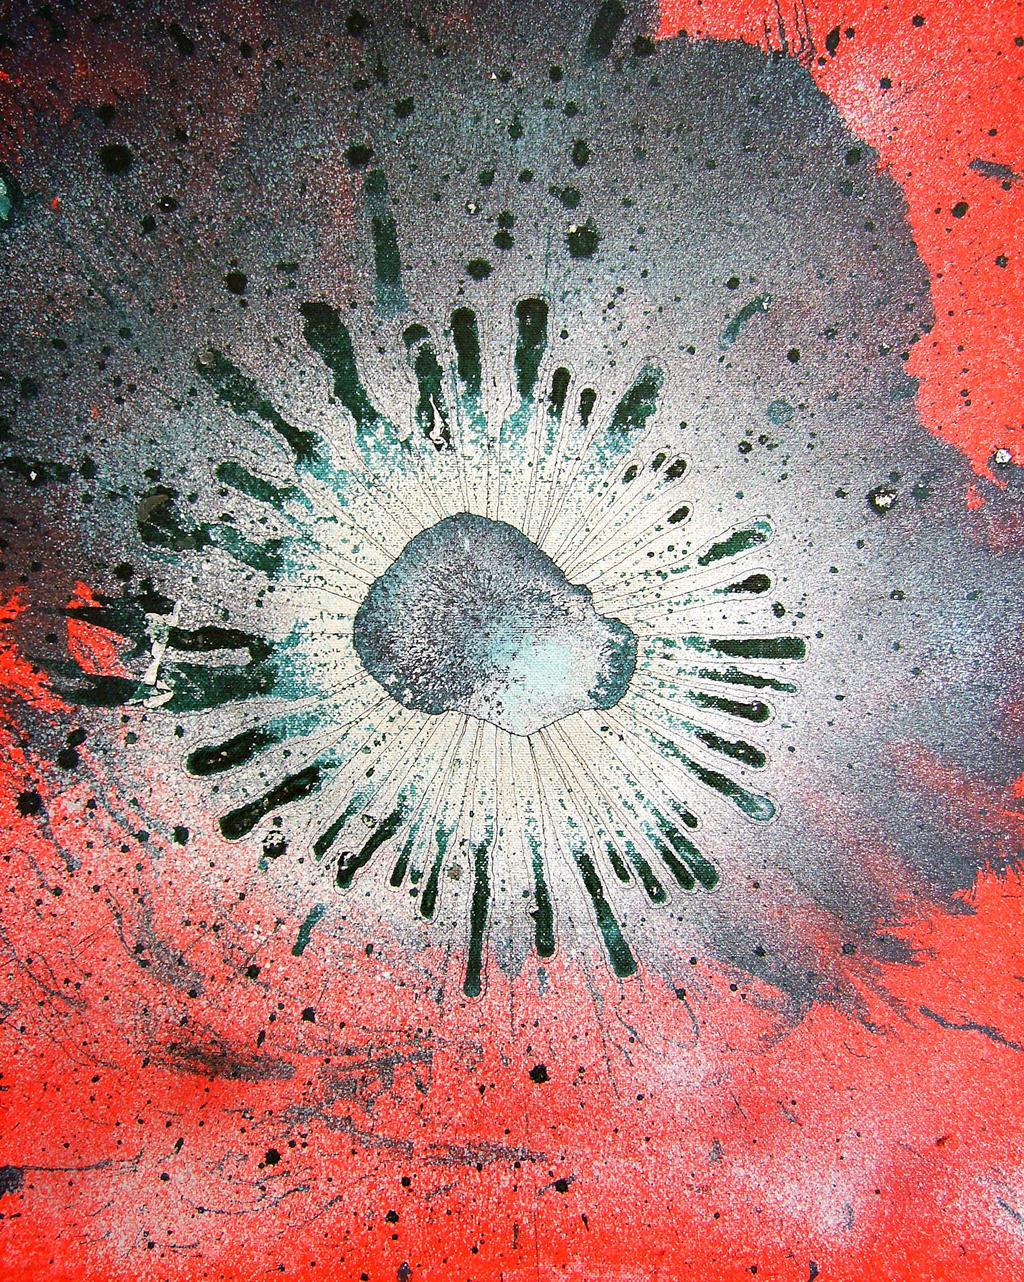 Abstraction 15 by CristianoTeofili